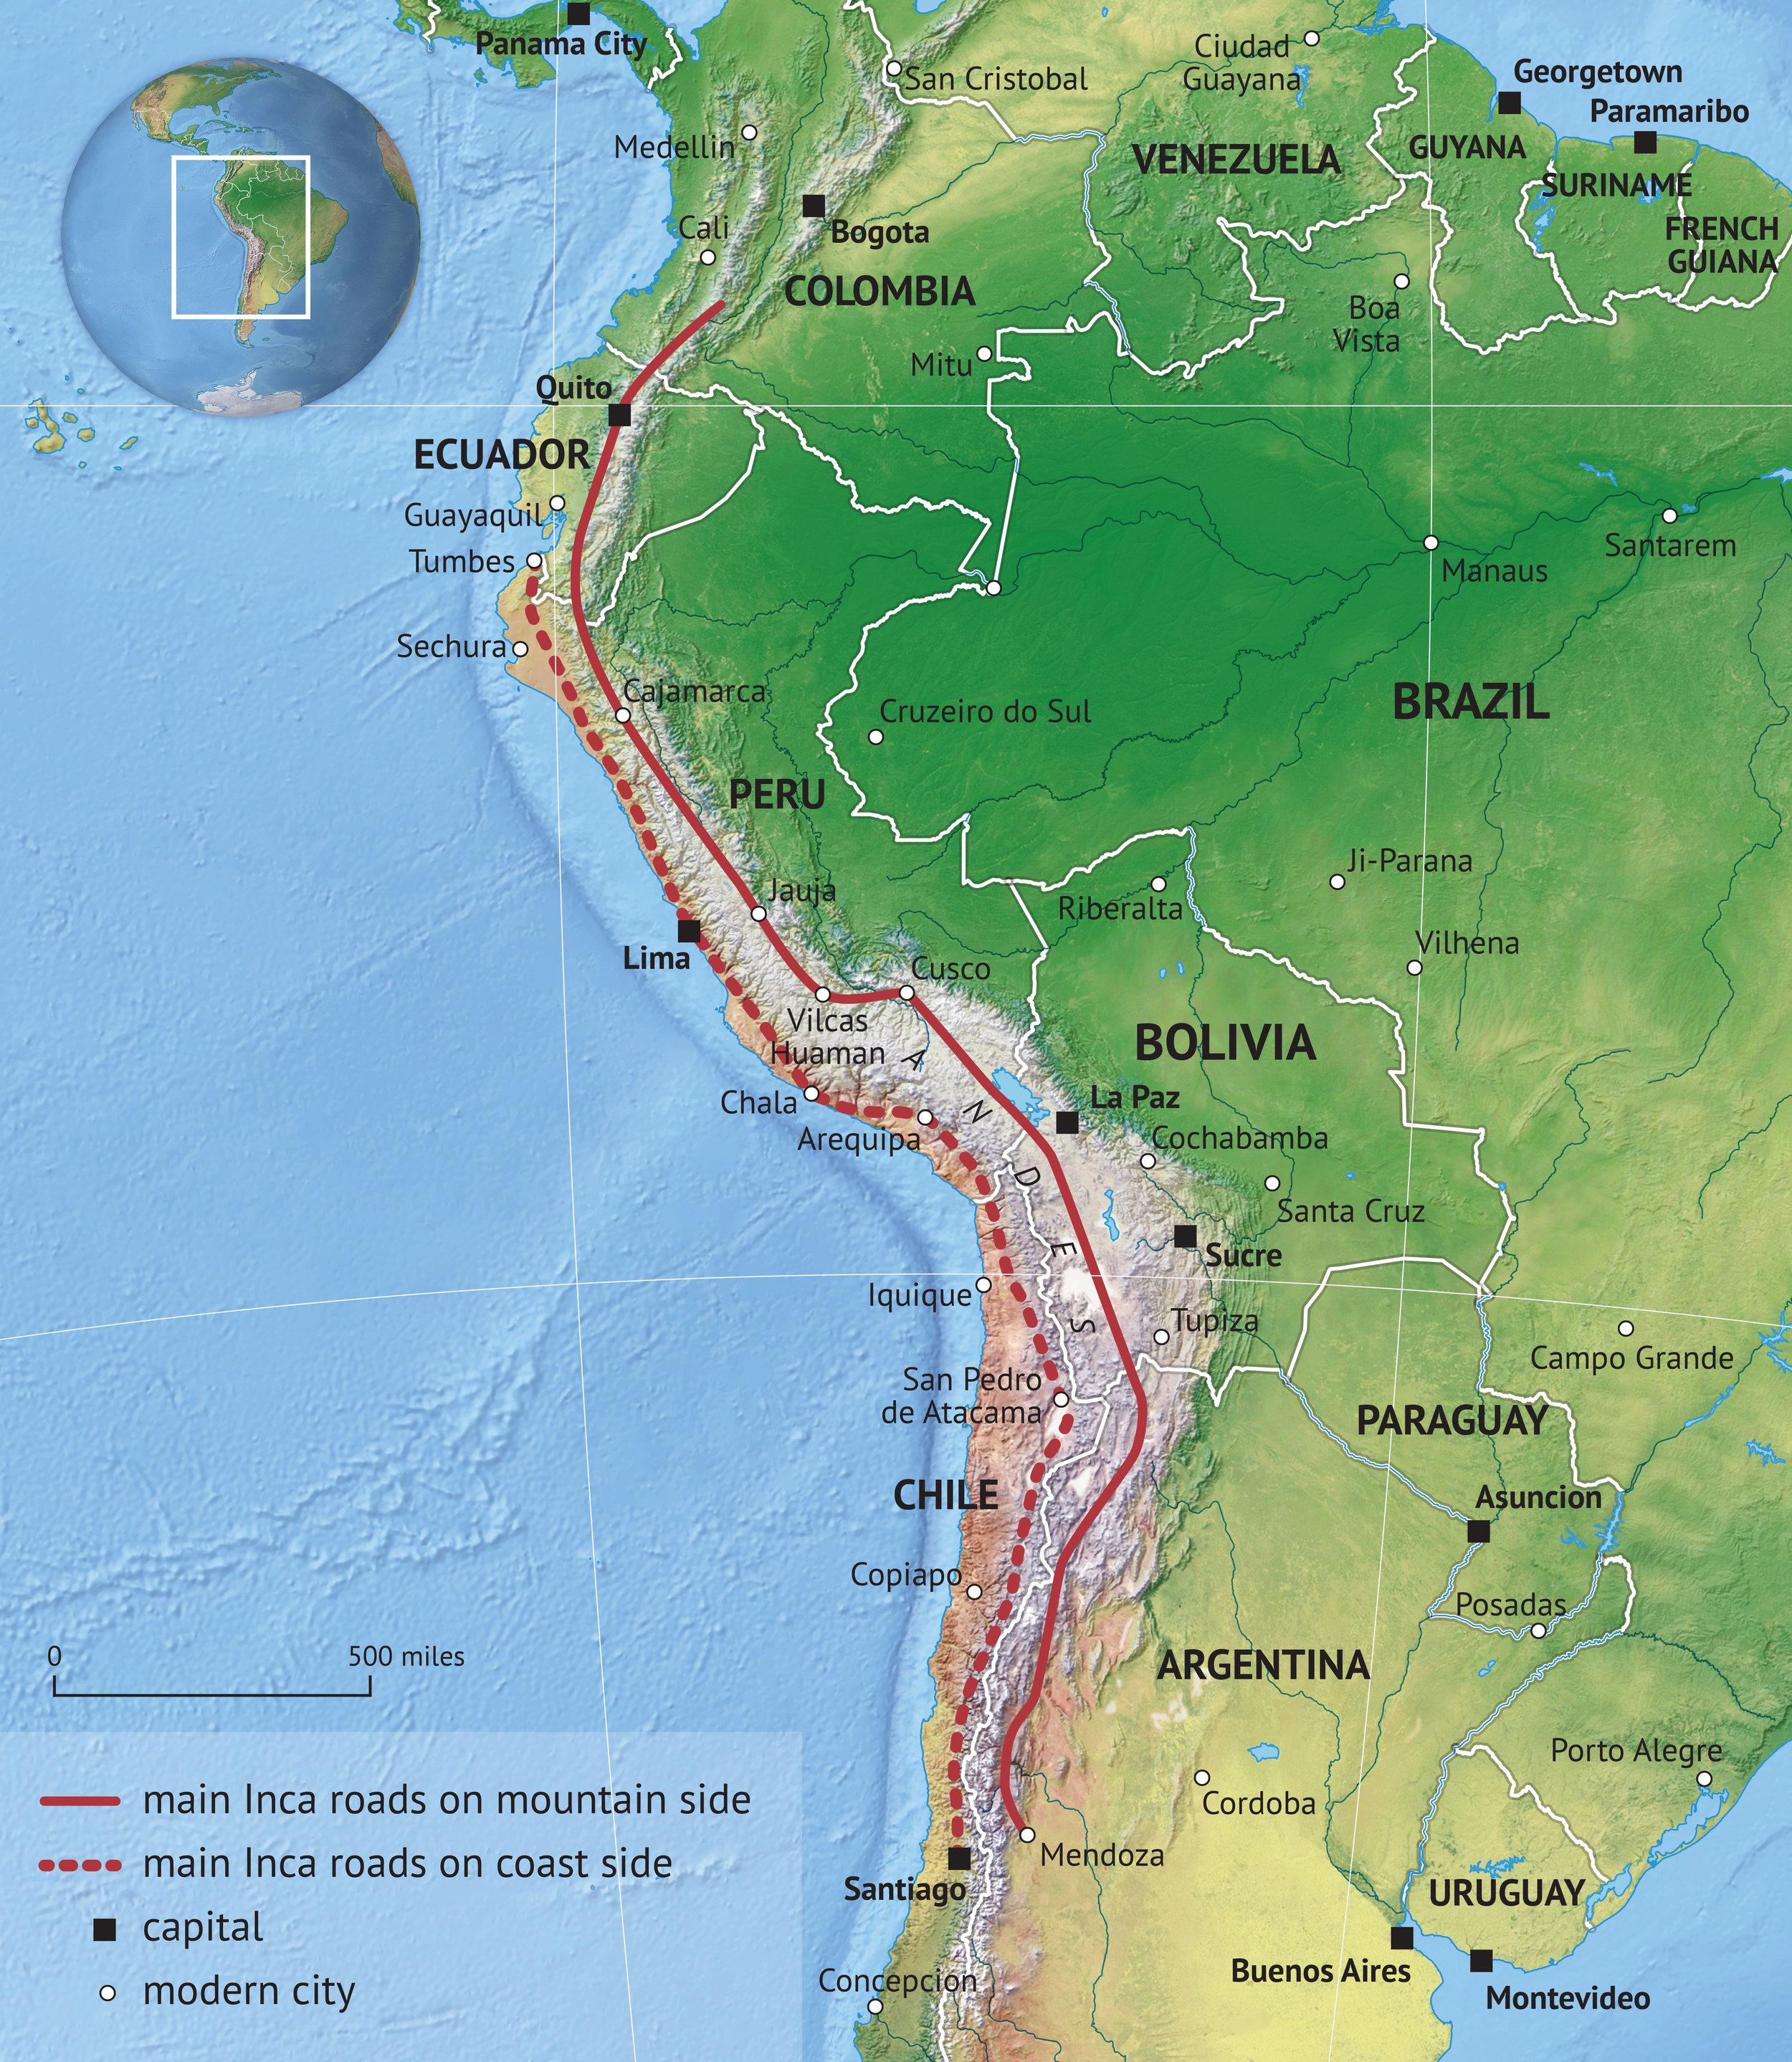 Inca_road_system.jpg